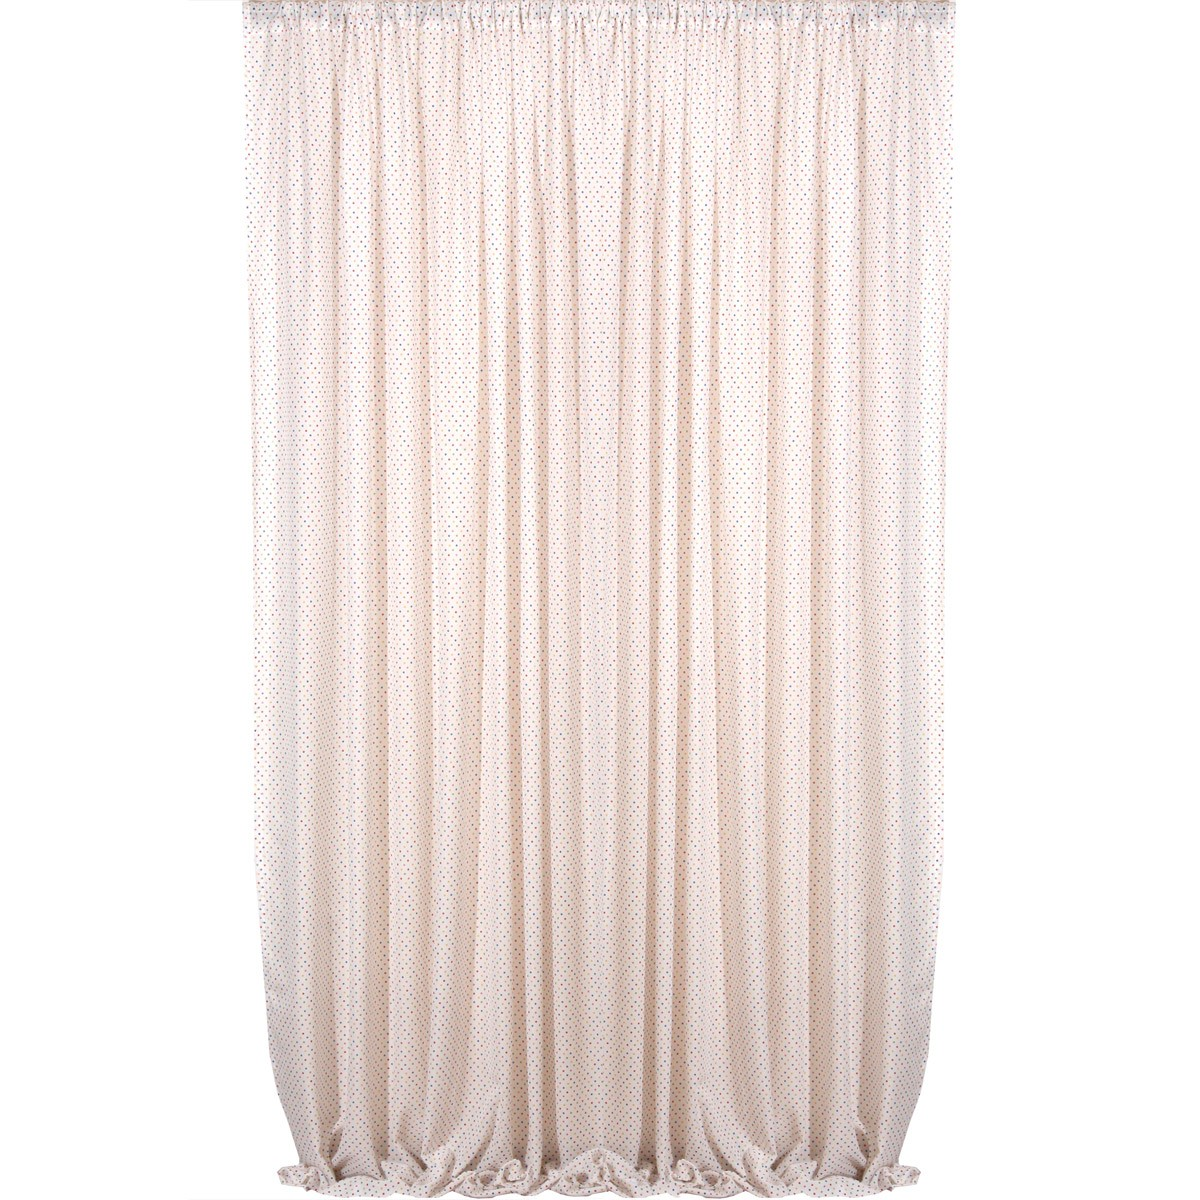 Παιδική Κουρτίνα (280x270) Viopros Curtains Γάζα Πουά Πολύχρωμο